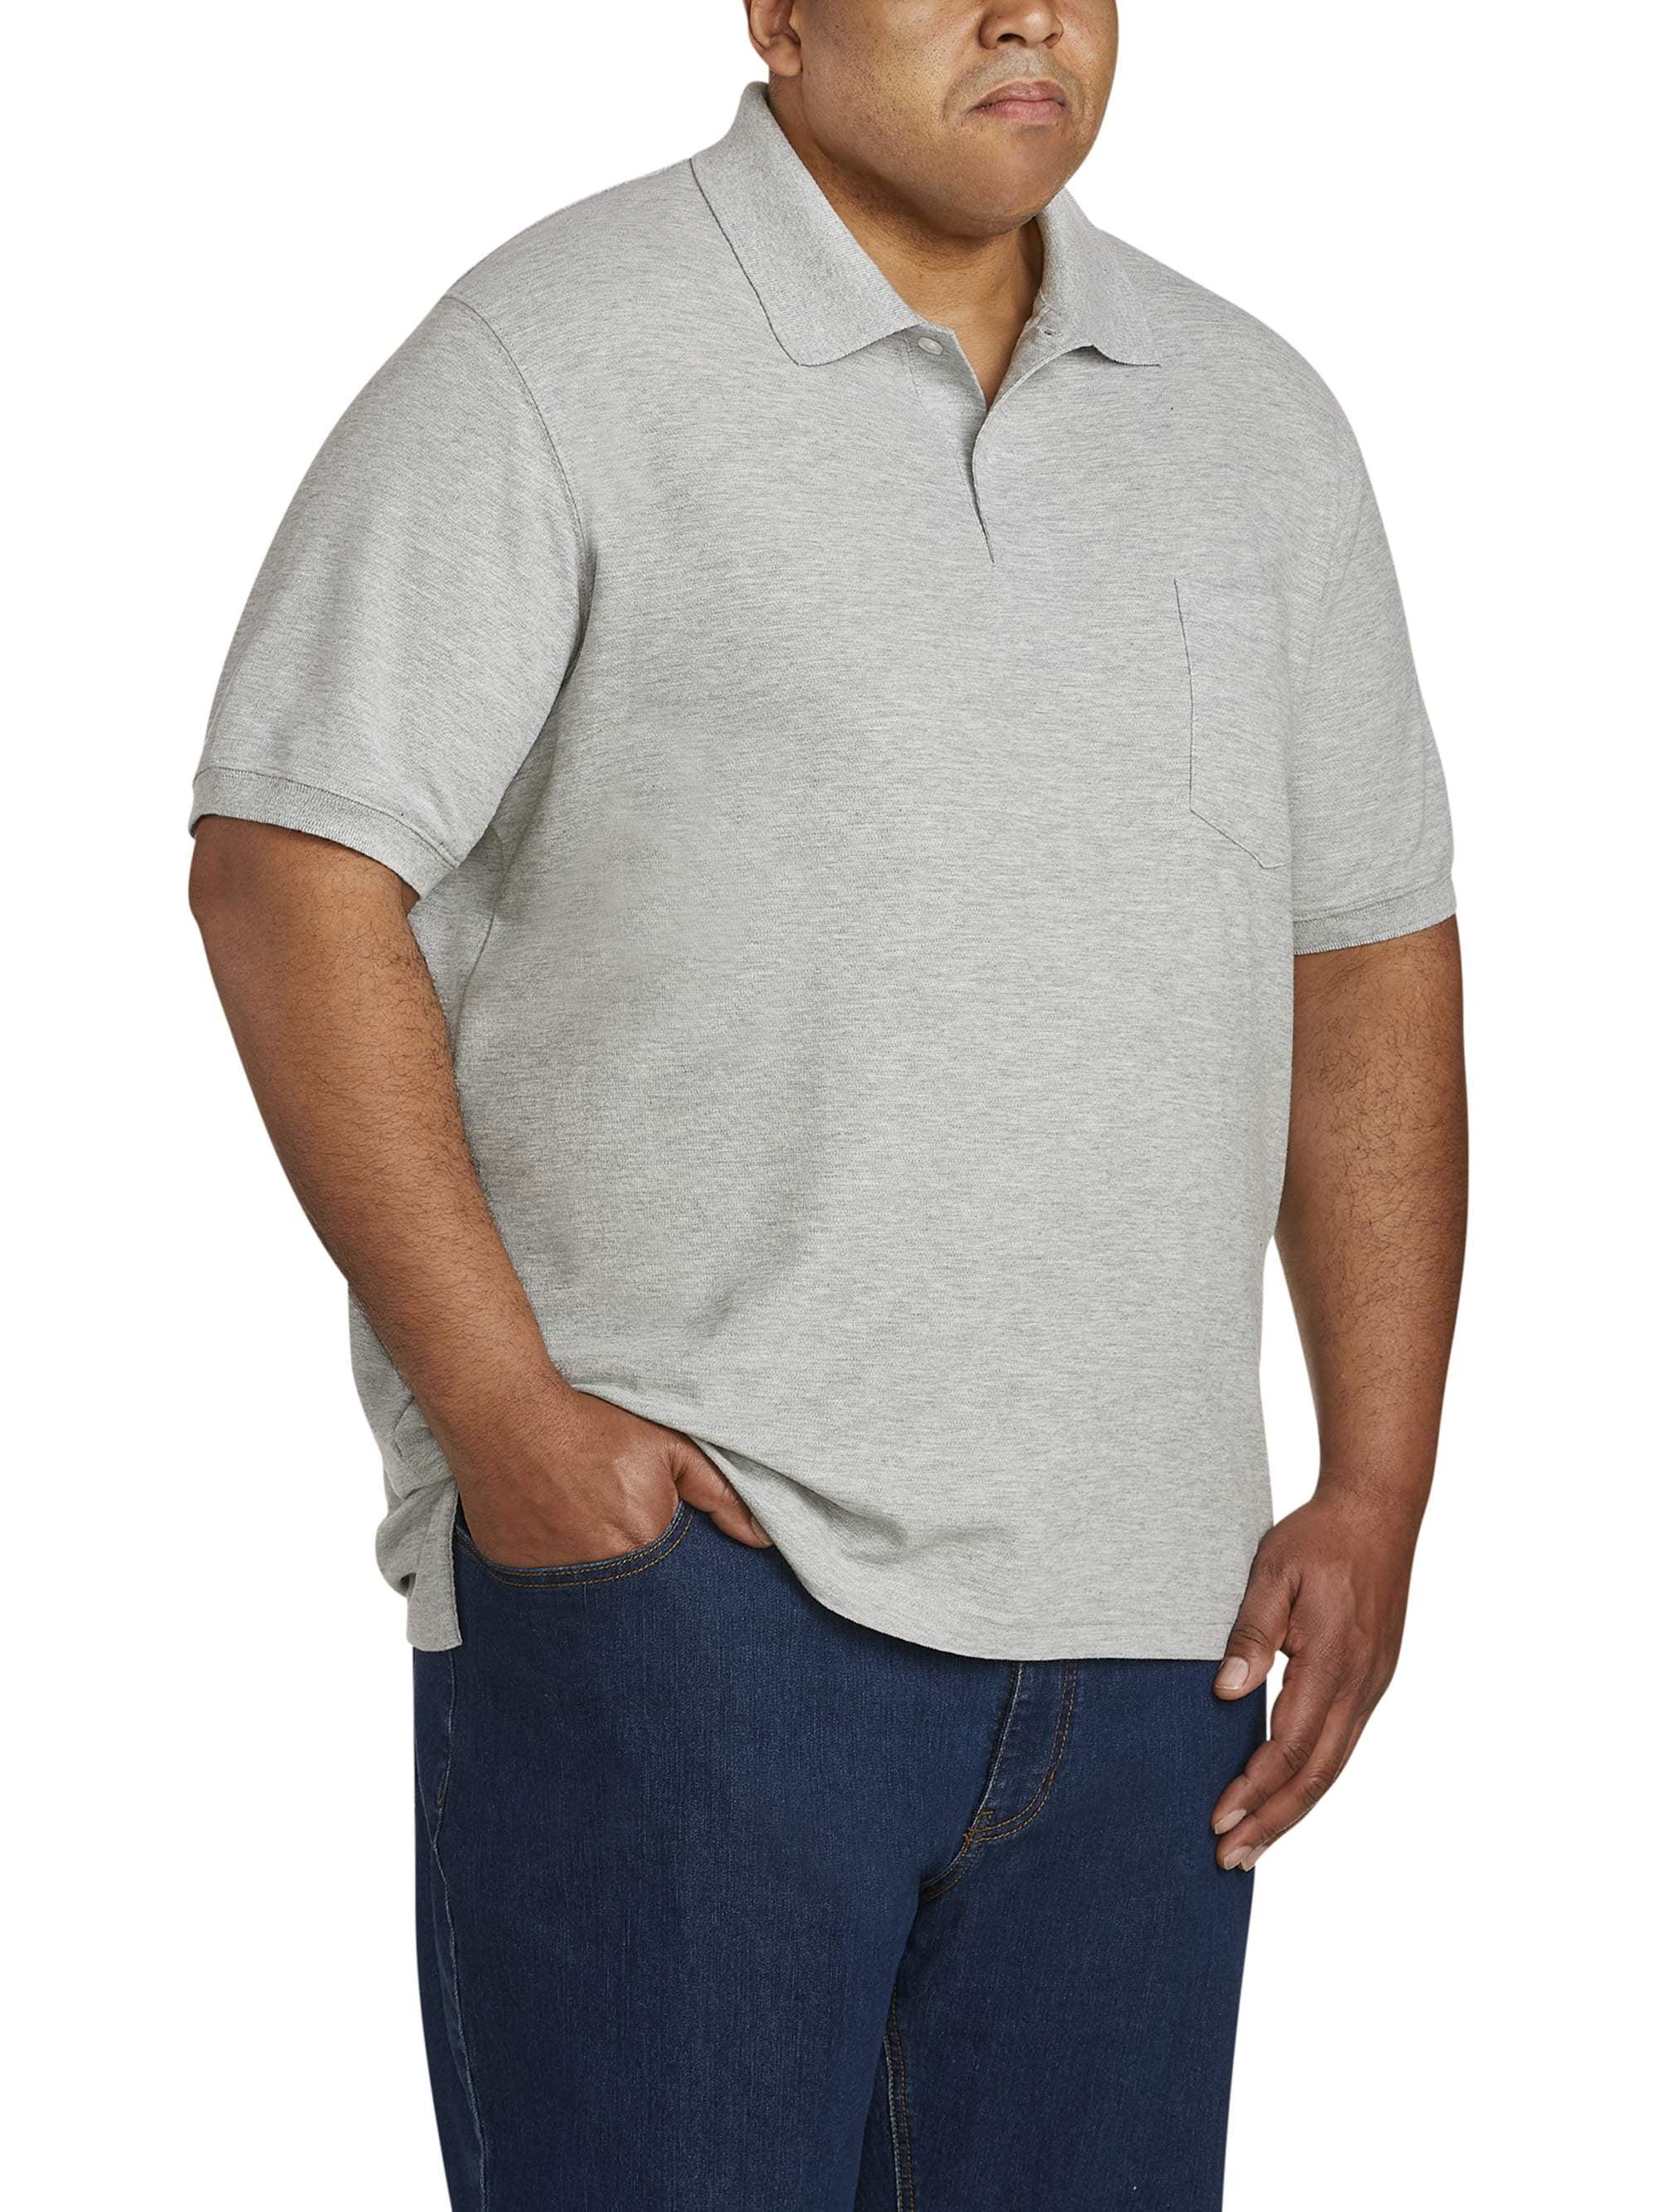 Canyon Ridge Men's Big & Tall Pocket Pique Polo Shirt